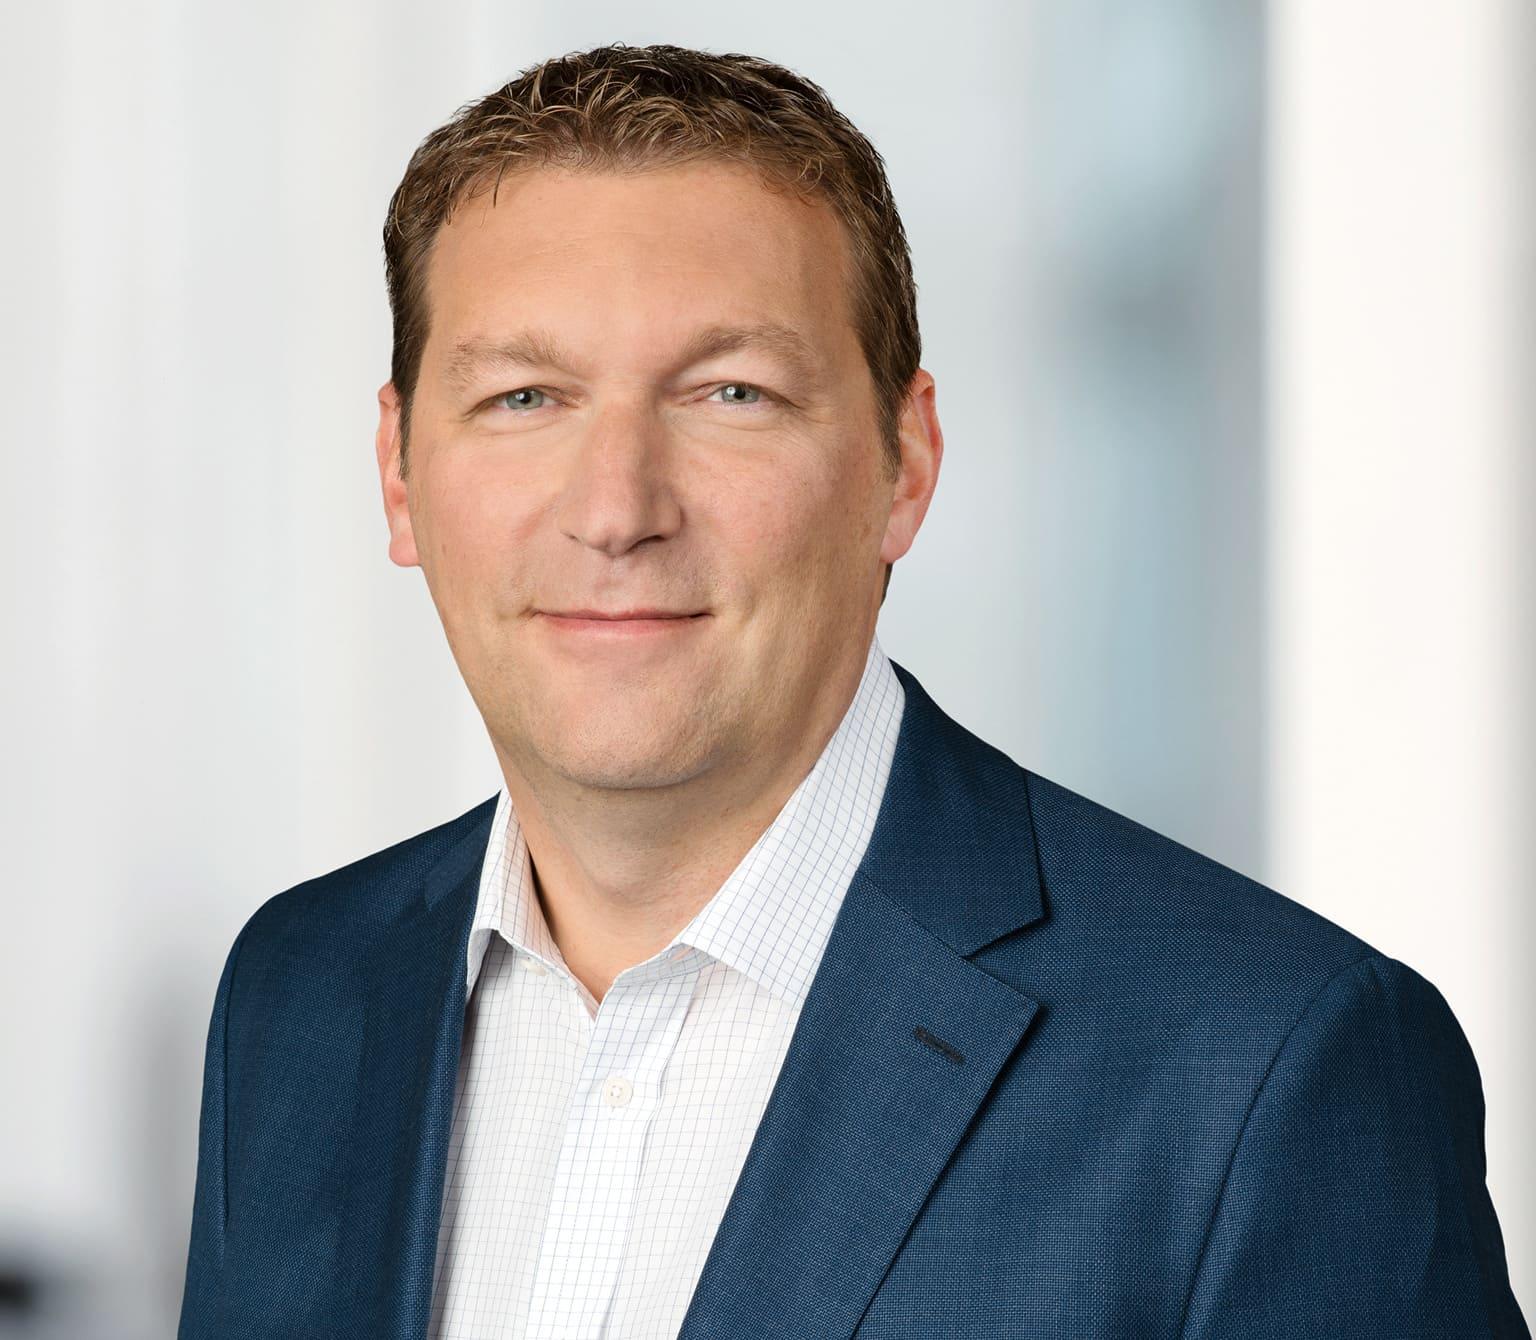 Ralph Vomderstein leitet den Geschäftsbereich Legal Software bei Wolters Kluwer in Deutschland